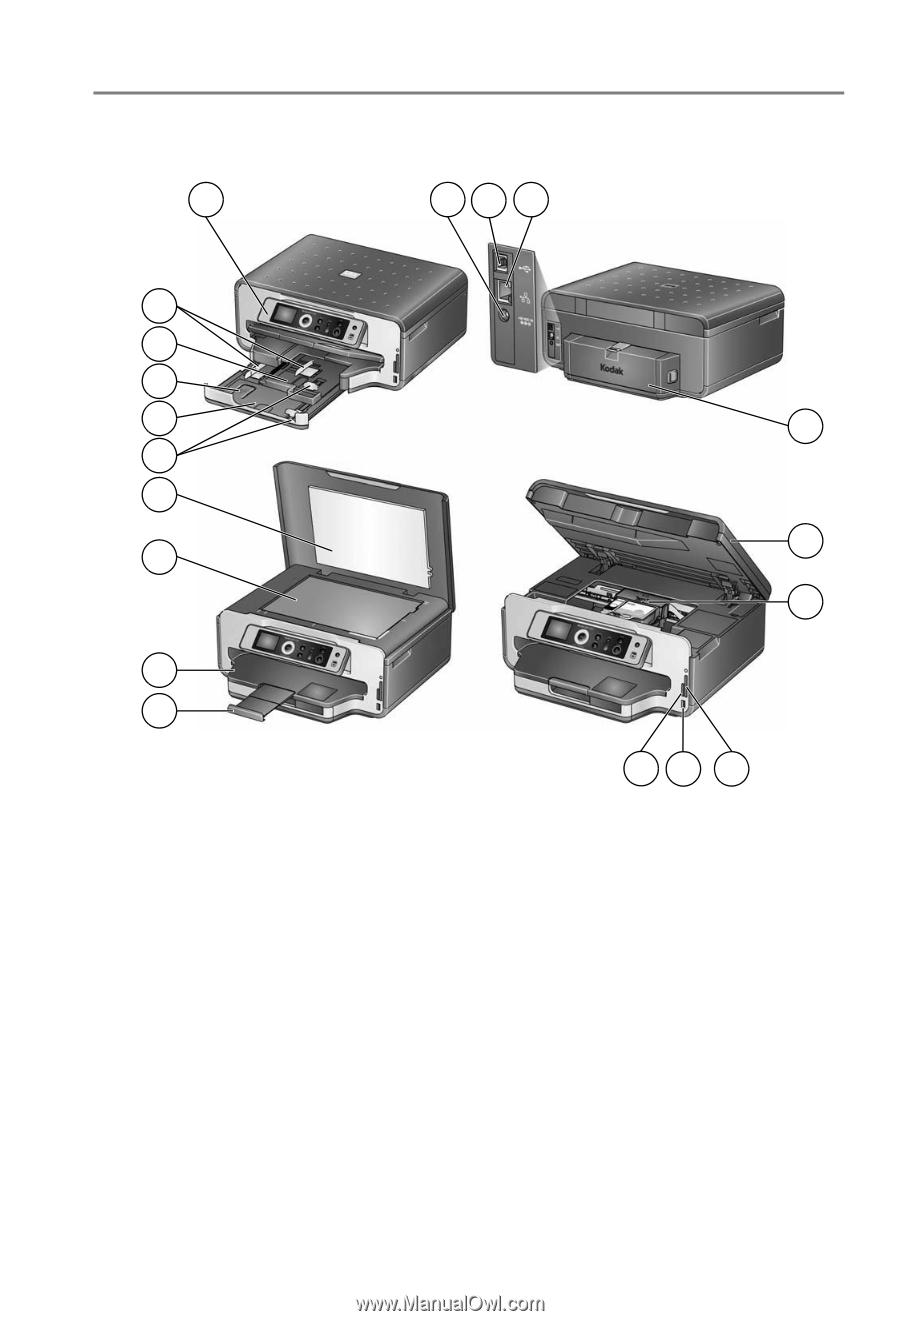 kodak esp 7250 user guide rh manualowl com kodak esp 7250 repair manual kodak esp 7250 printer manual